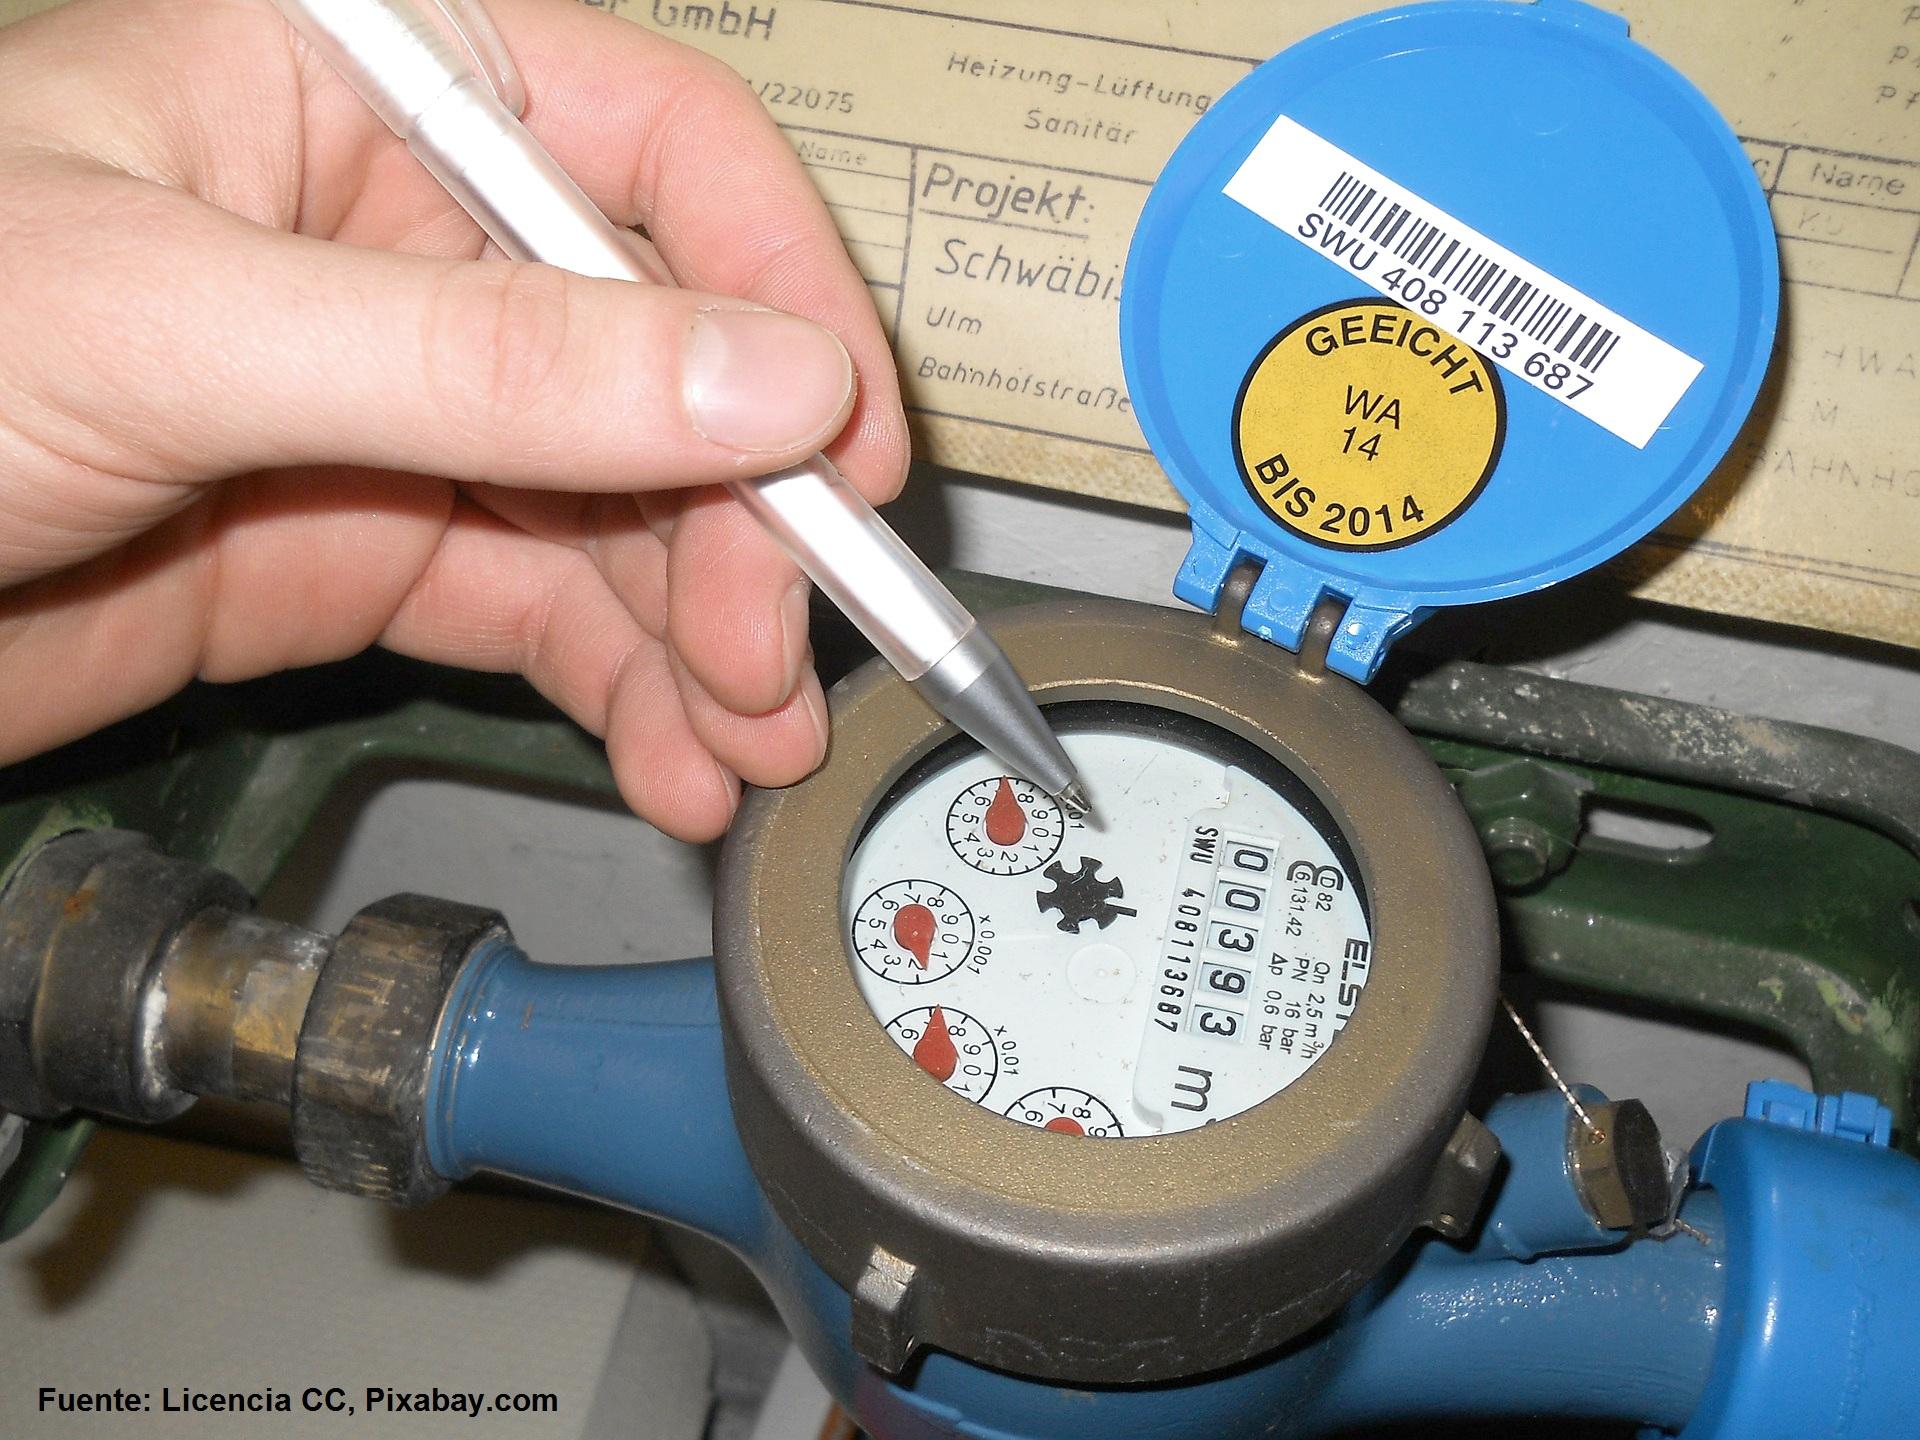 Alter jmas los medidores de agua para cobrar m s - Medidor de agua ...